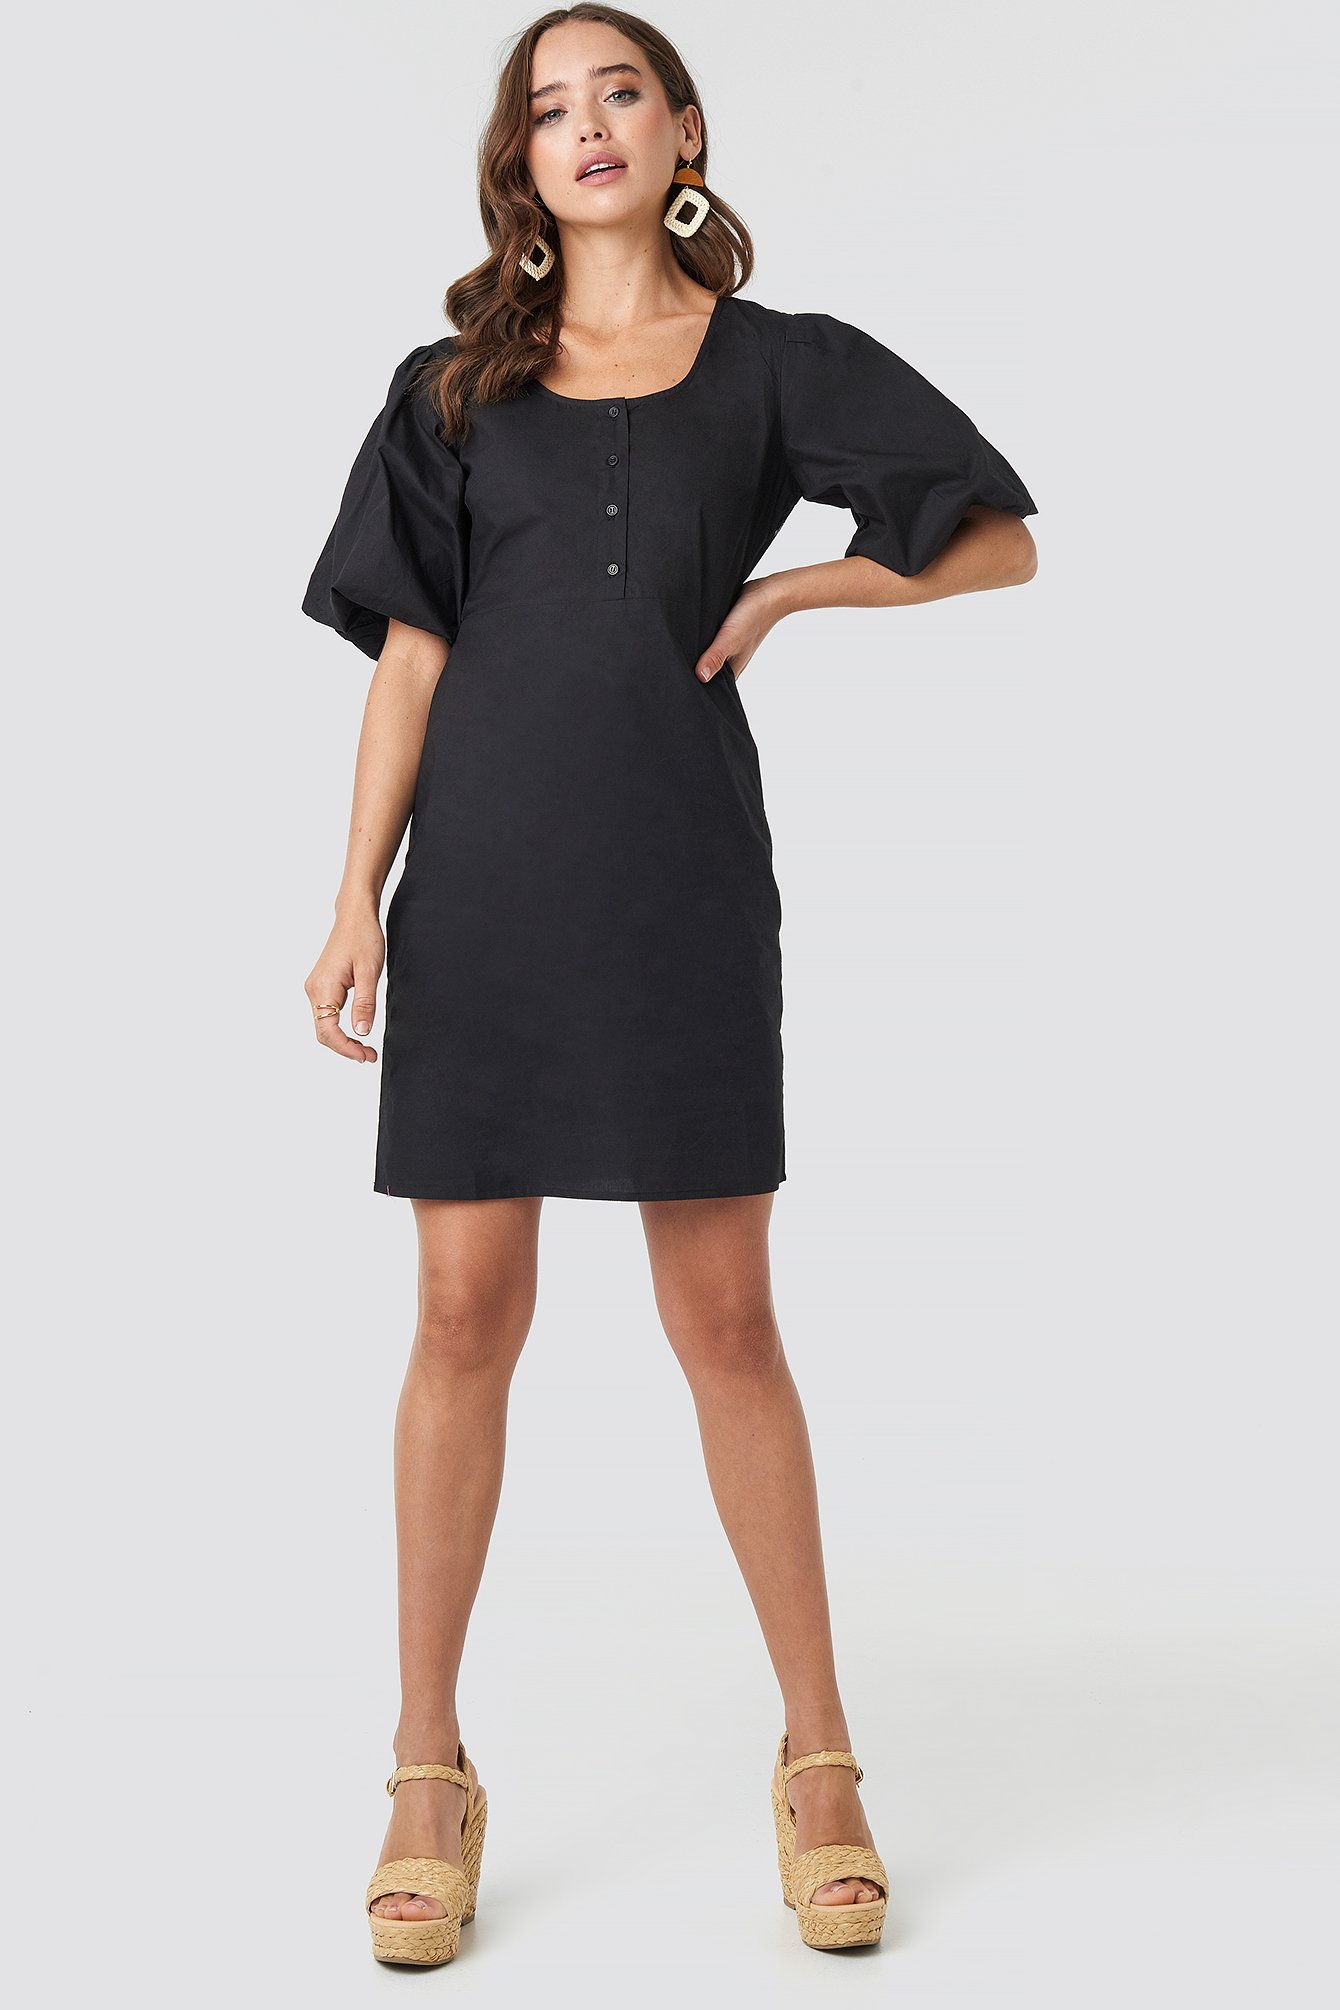 Short Puff Sleeve Button Up Dress NA-KD.COM